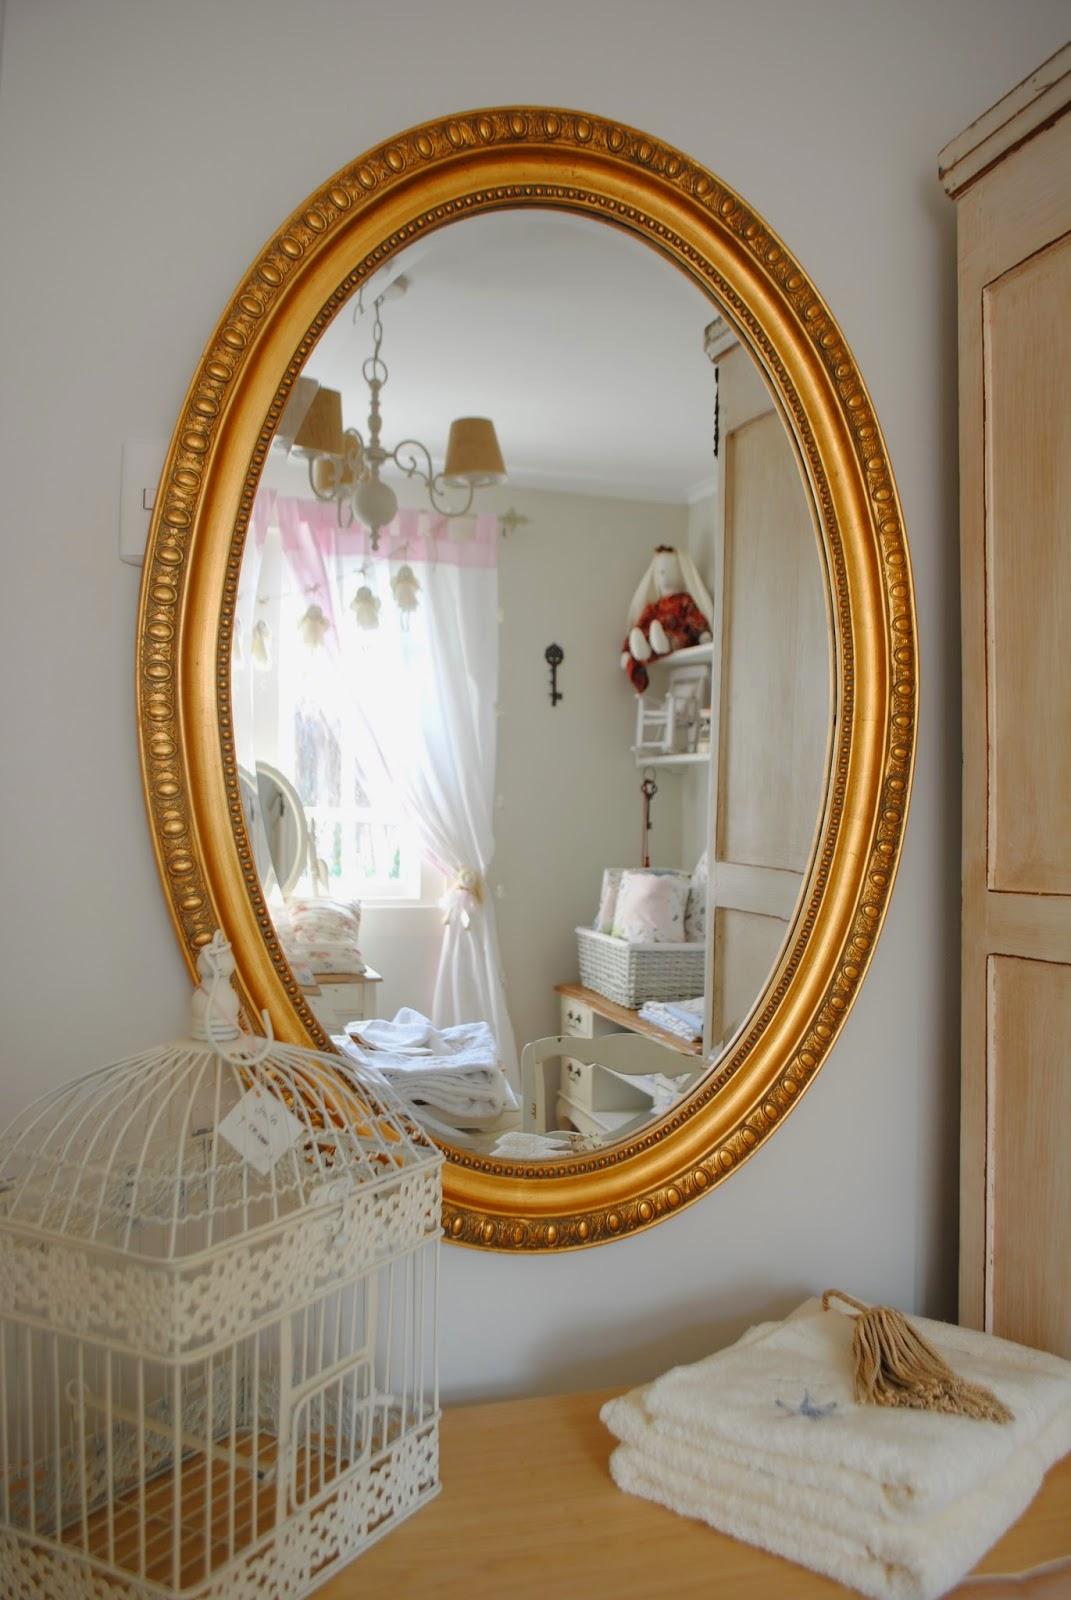 Paz montealegre decoraci n espejos ovalados dorados for Espejos decorativos dorados